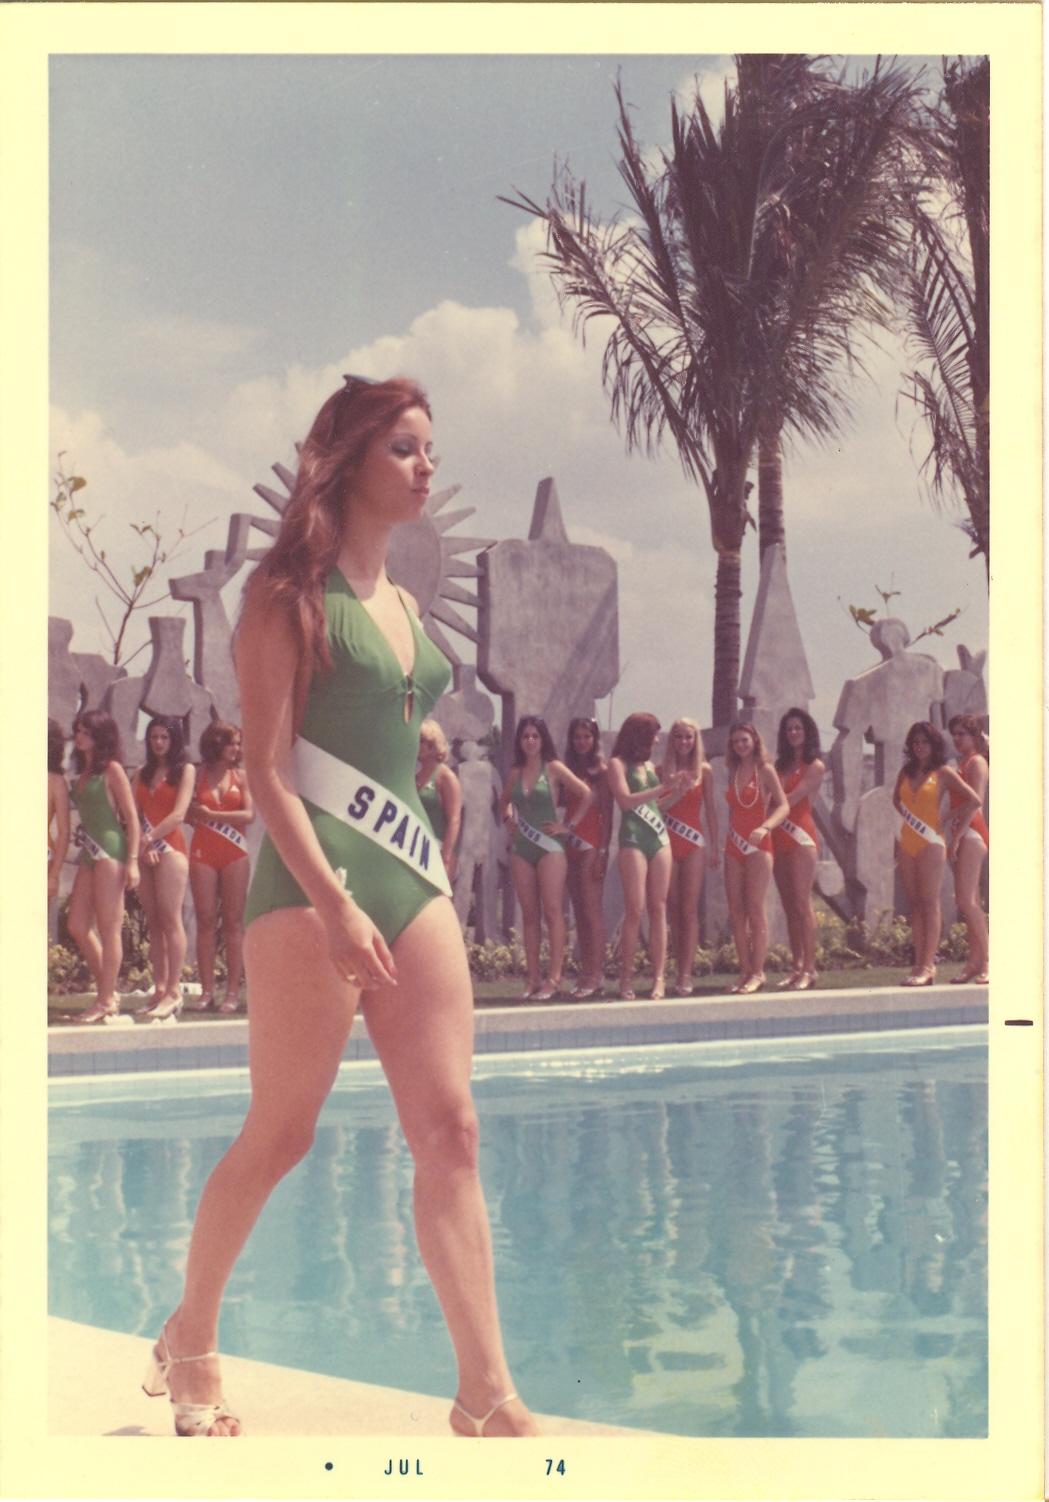 Amparo Muñoz Quesada Fotos ··tribute to miss universe 1974